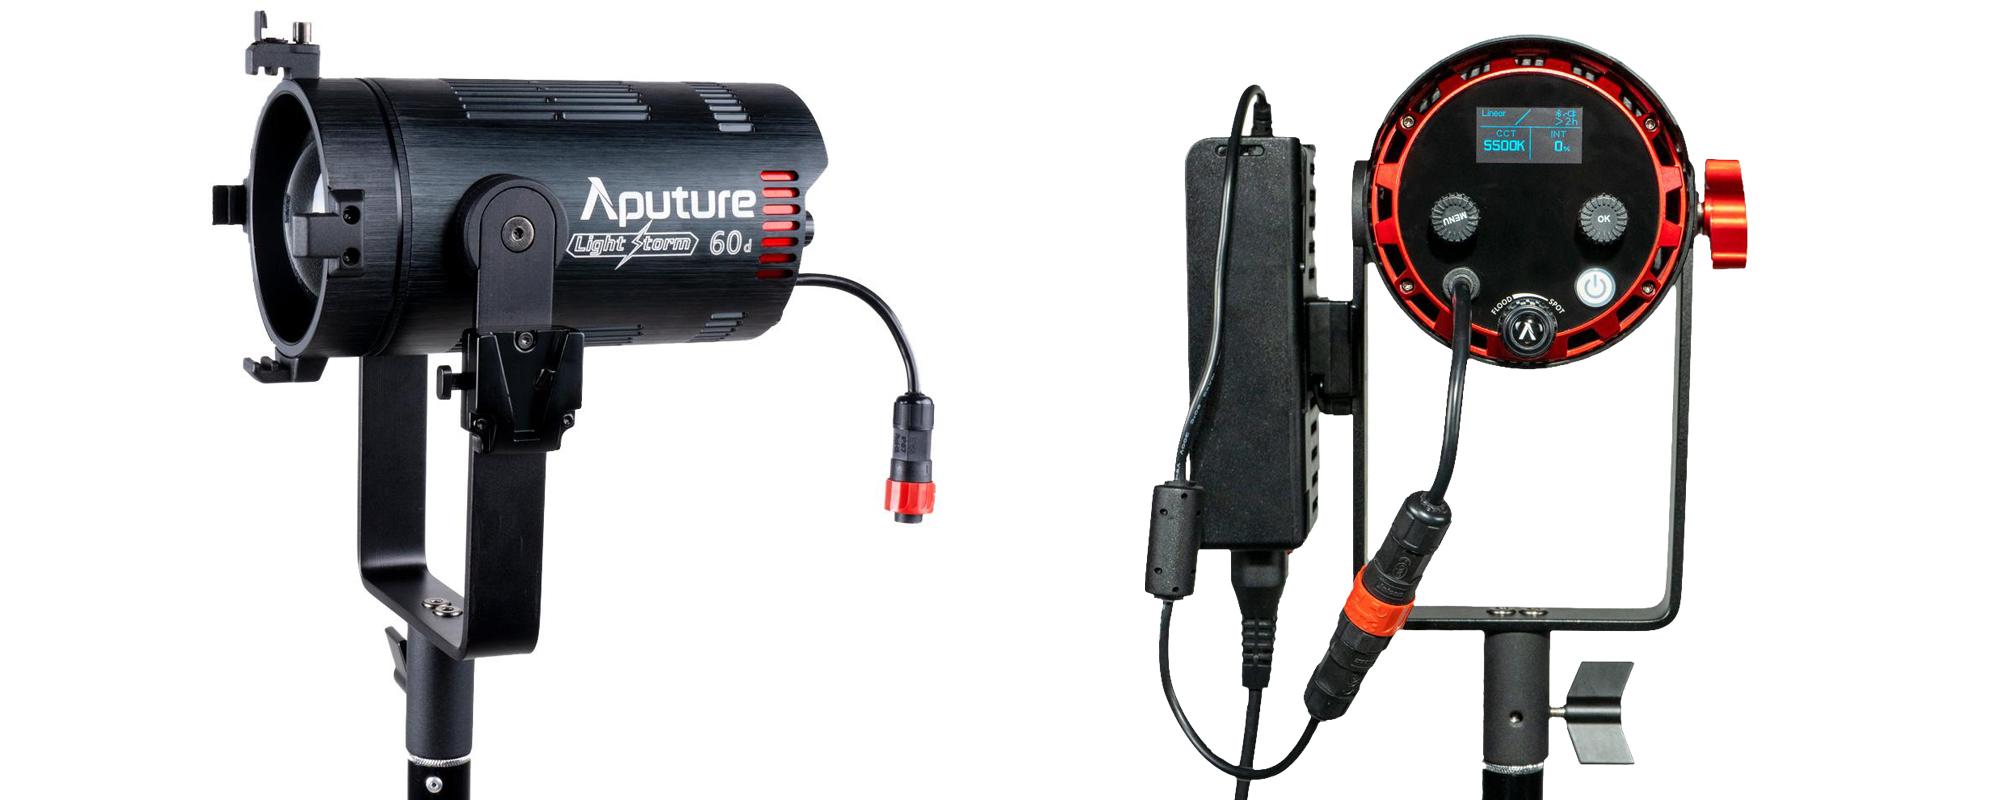 Lampa LED Aputure Light Storm LS 60d z przodu i z tyłu